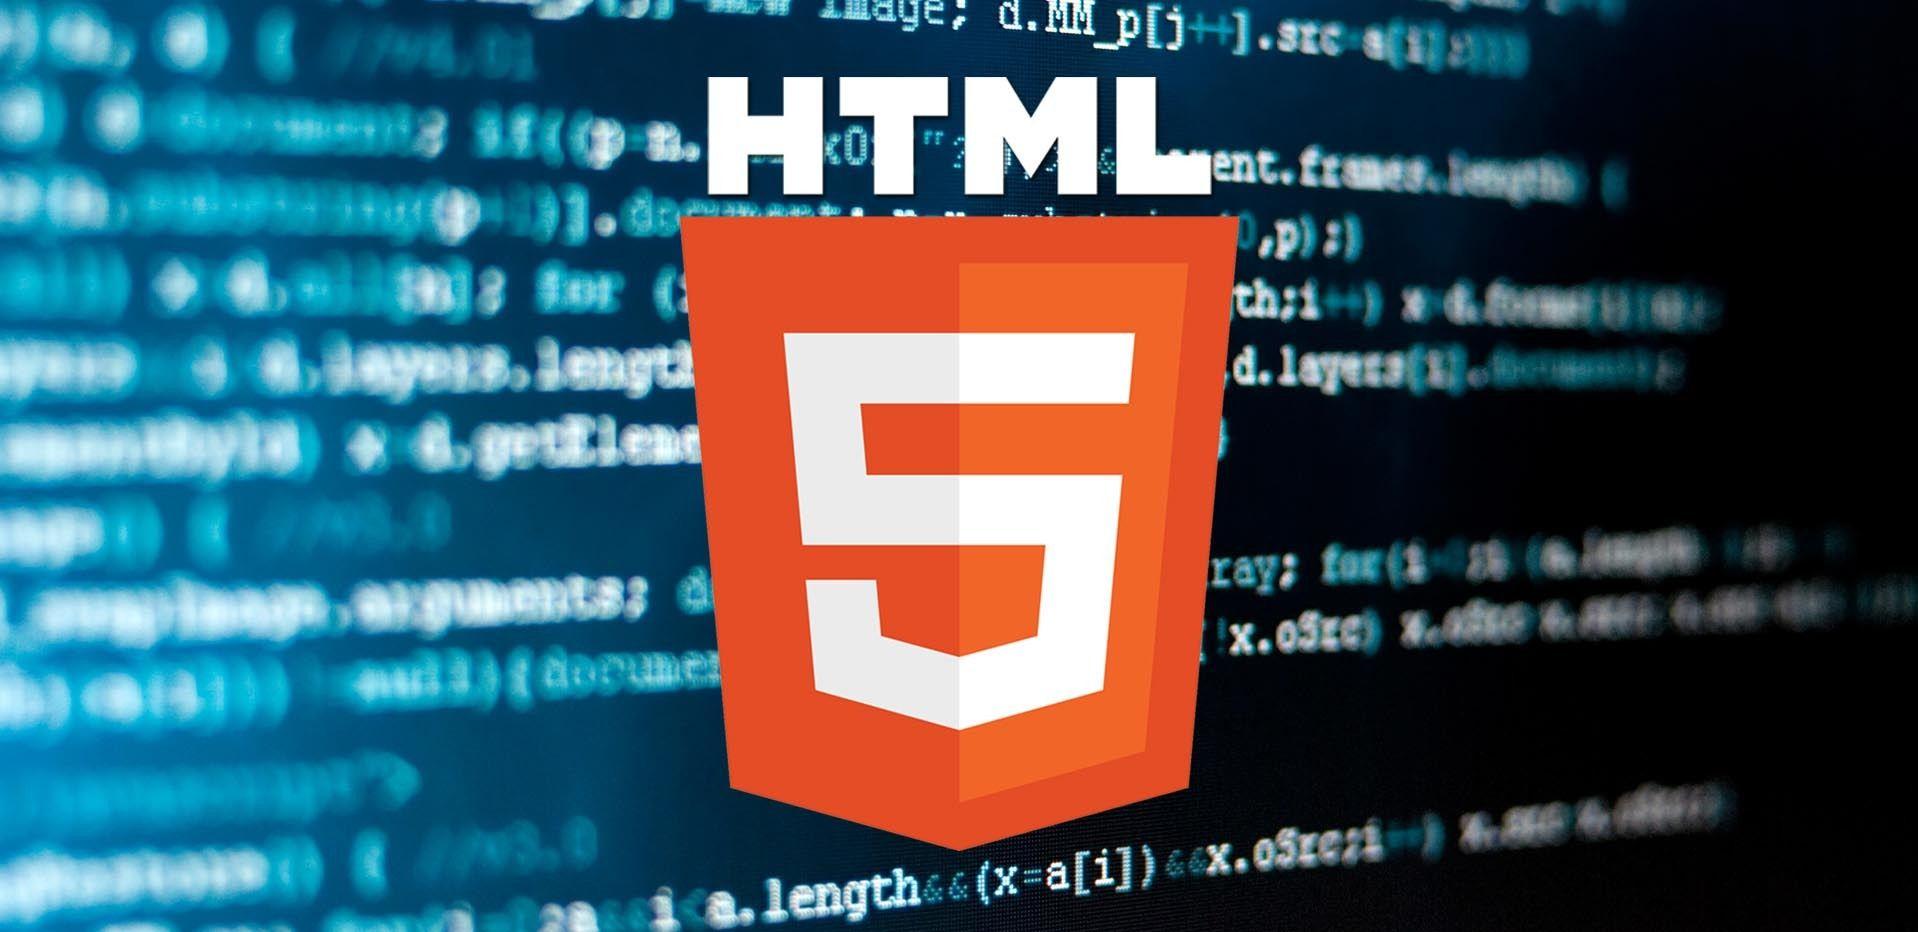 忘掉宣传页,58 到家和小米可能已抢占了 HTML 5 的先机